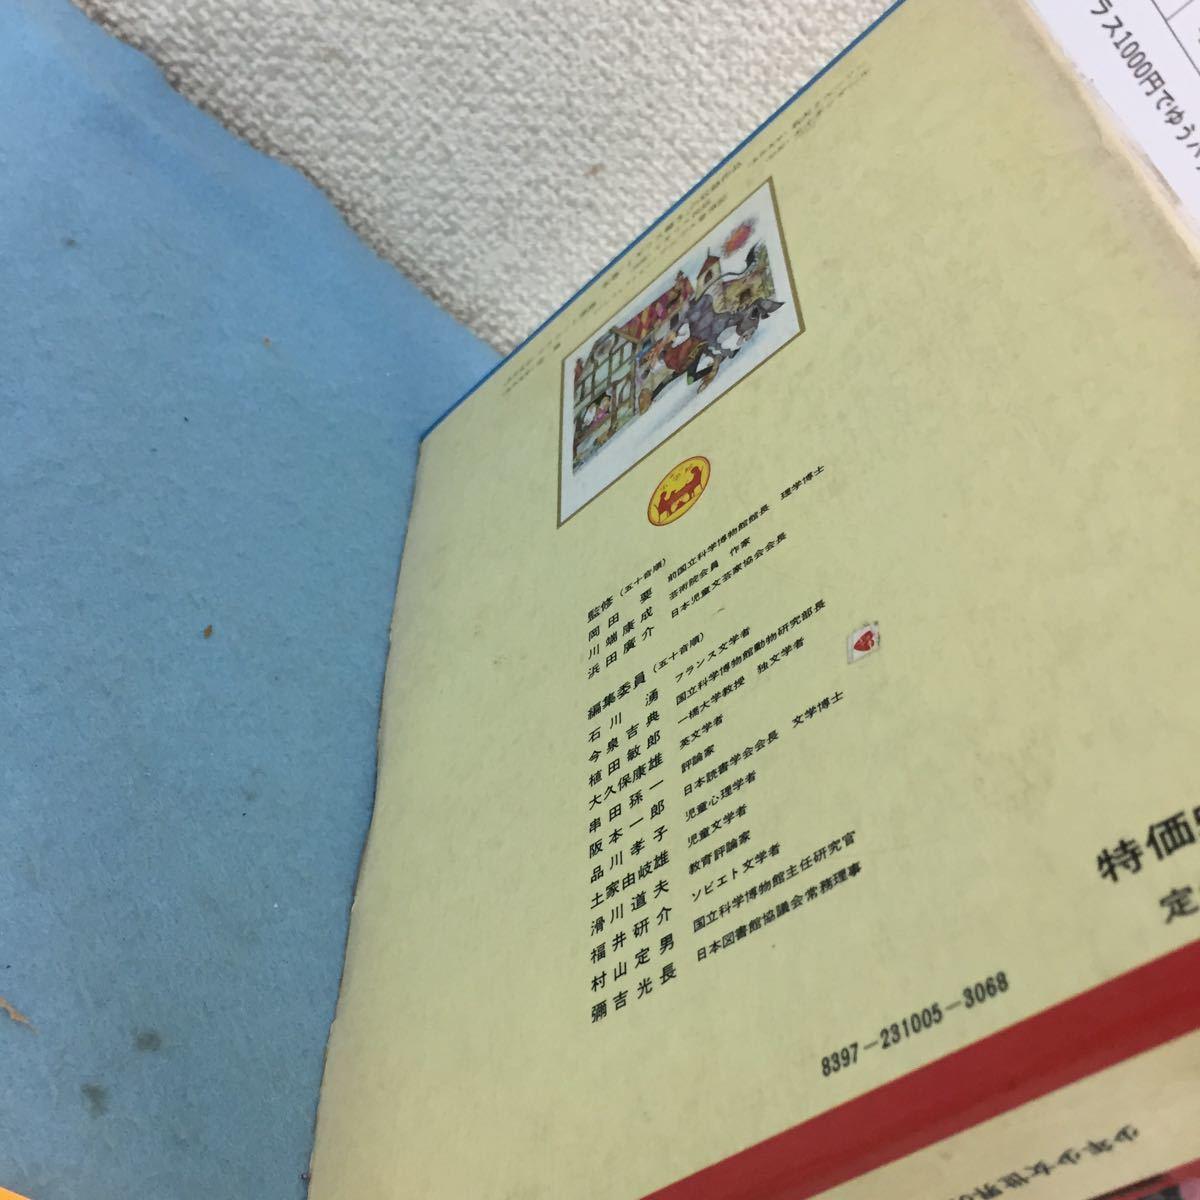 こ053 少年少女世界の名作イギリス編3 宝島/アルプス登頂記 ナイチンゲール/マラコット深海...他 5 小学館 昭和46年12月 初版第1刷発行_画像3